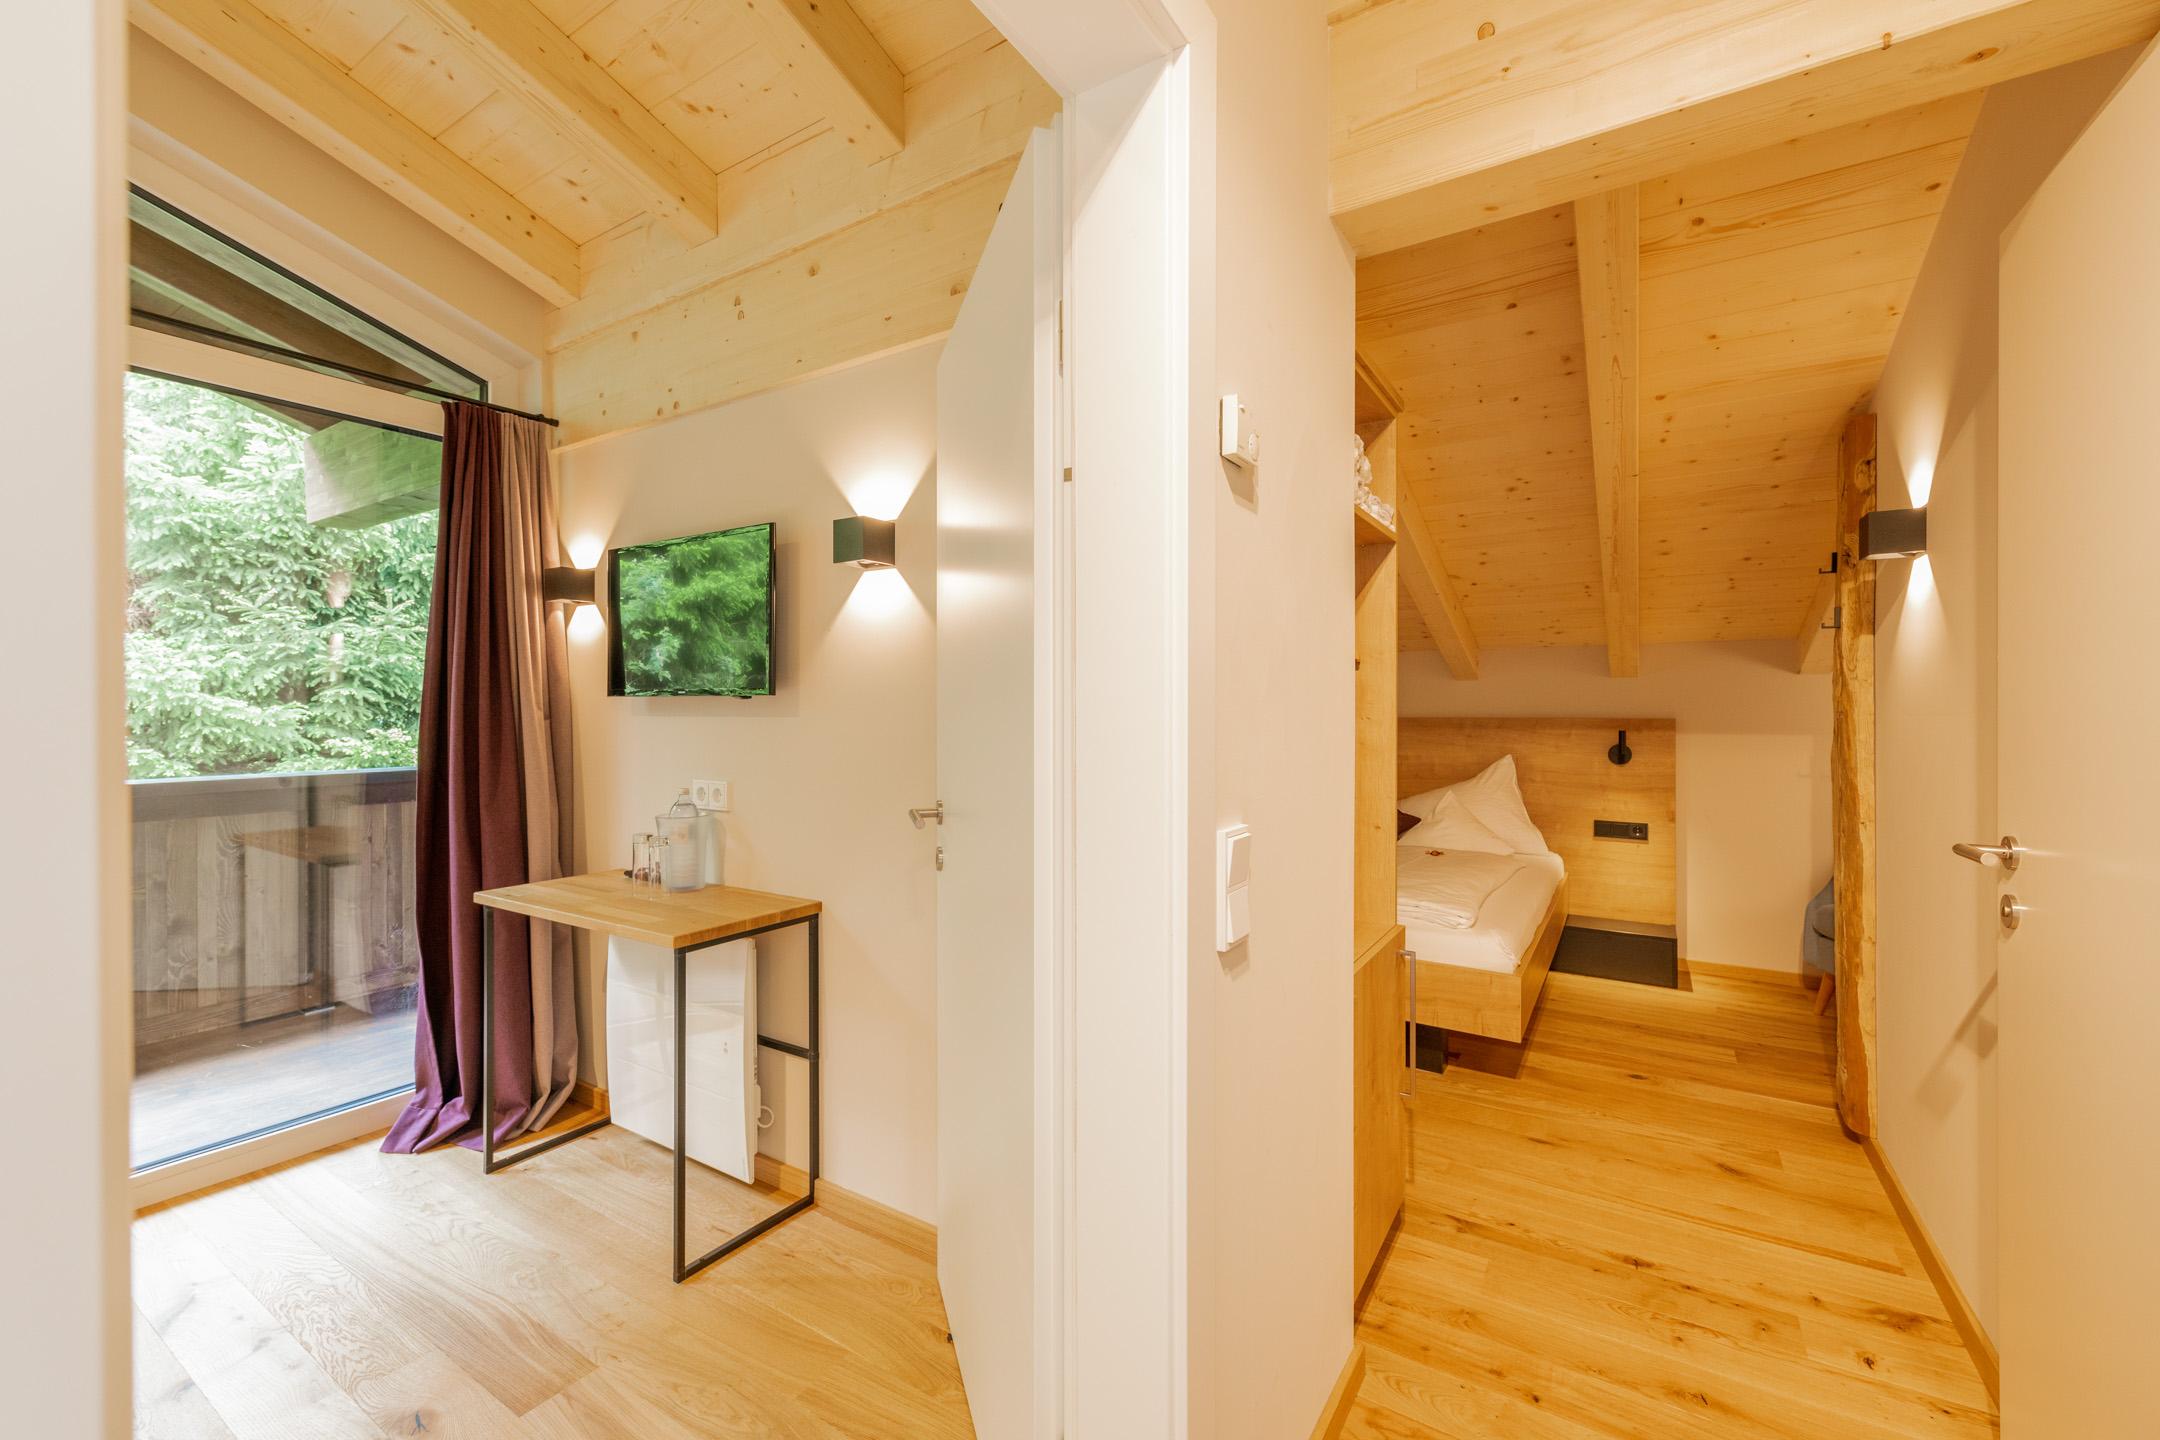 Von Natur umgeben, leger entspannen in der große Suite, Raum hoch zwei für bis zu vier Personen. Im neuen Design Hotel Haus Jausern in Saalbach